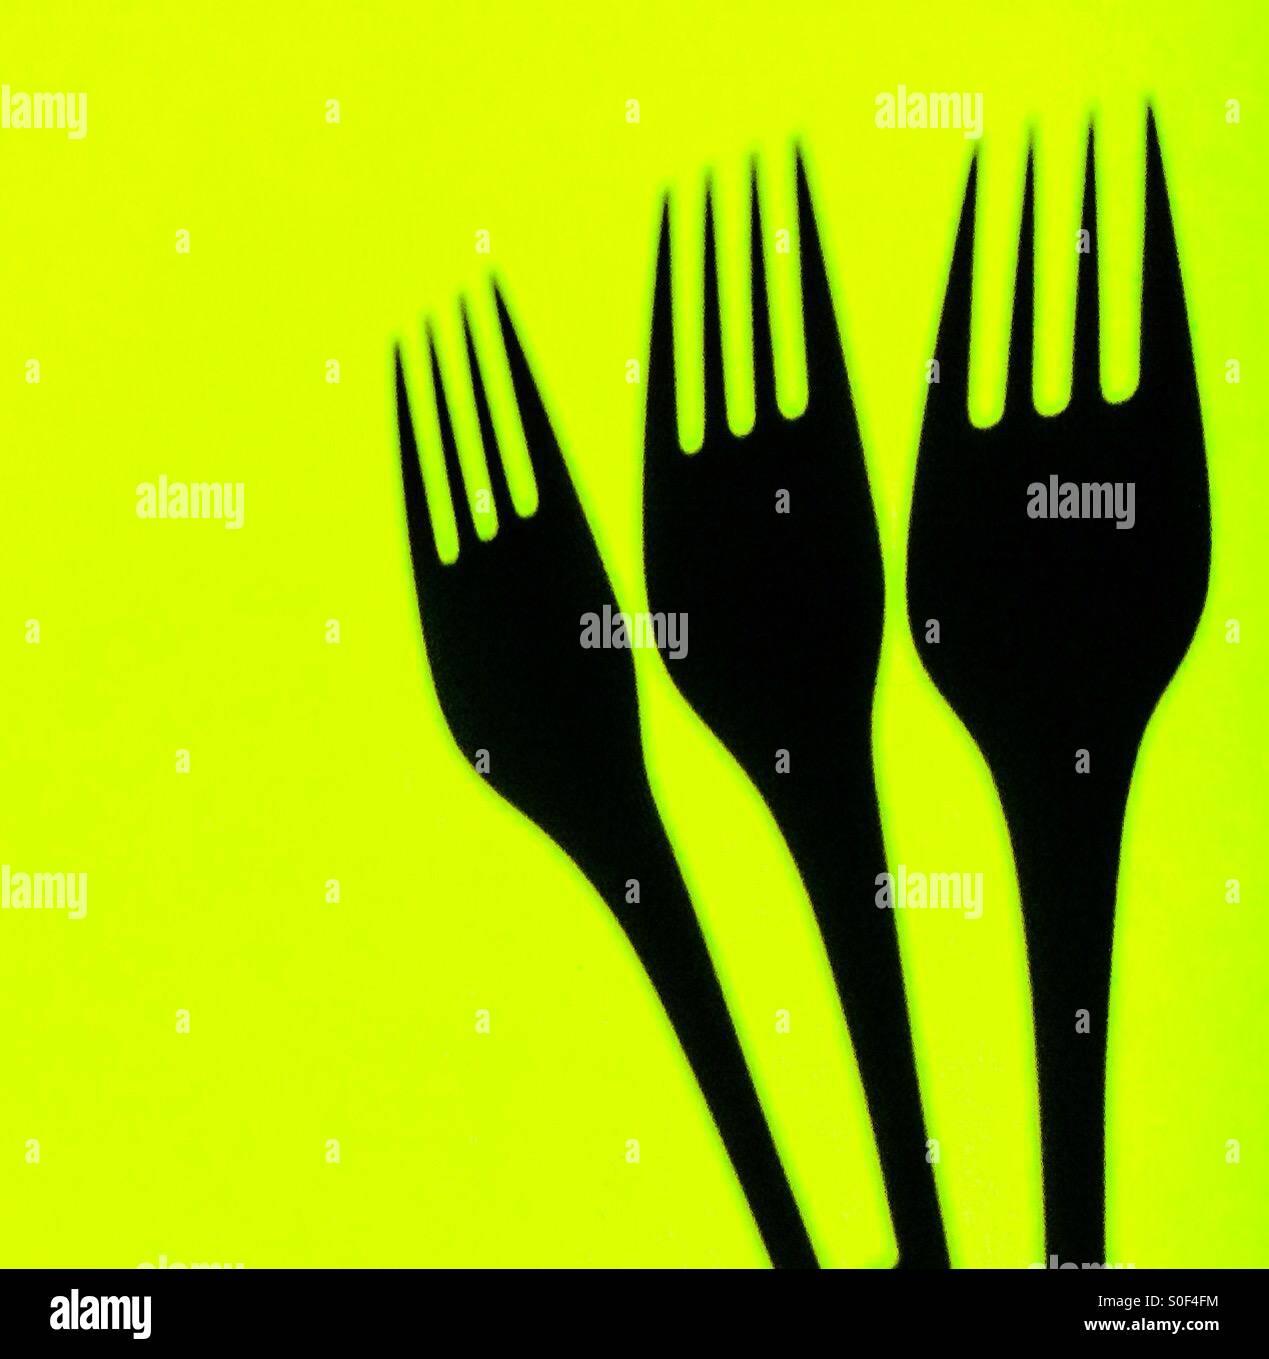 Forks on vivid background - Stock Image